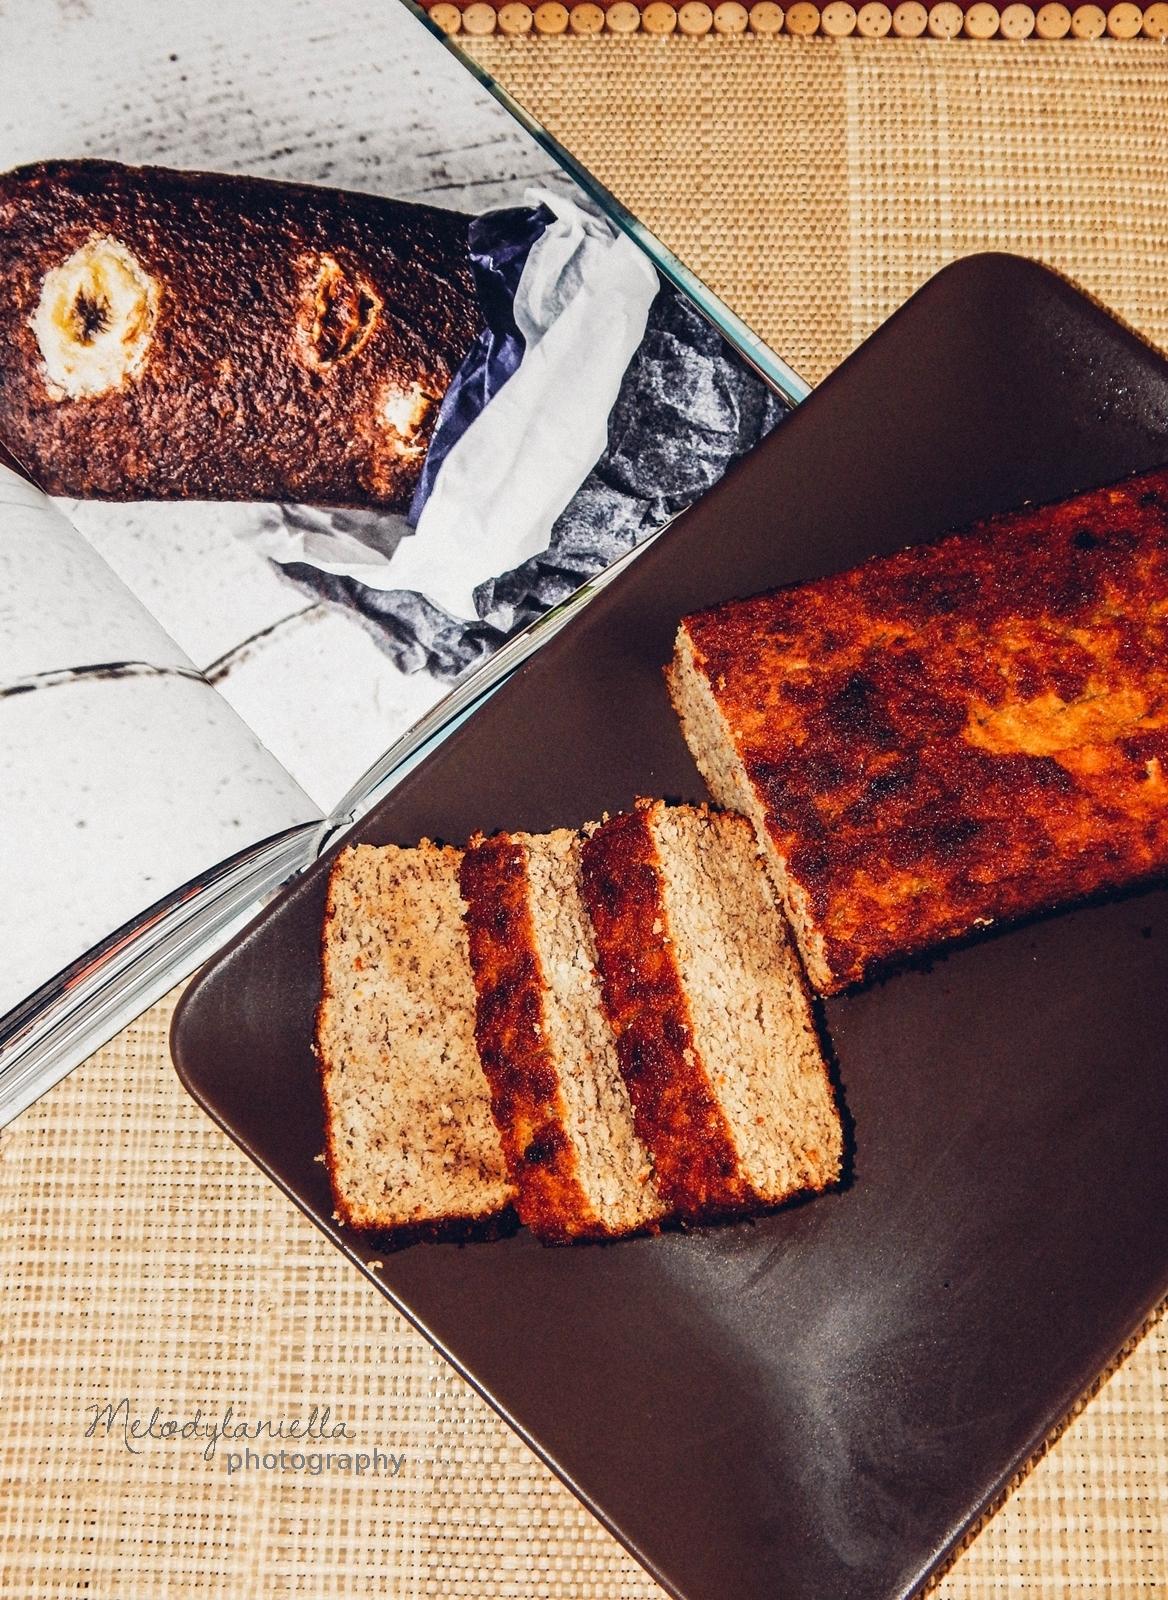 zdrowe gotowanie by ann anna lewandowska ksiazka kucharska recenzja melodylaniella jedzenie zdrowe ozywianie dieta porady fit health sportowa dieta.jpg burda ksiazki chleb bananowy